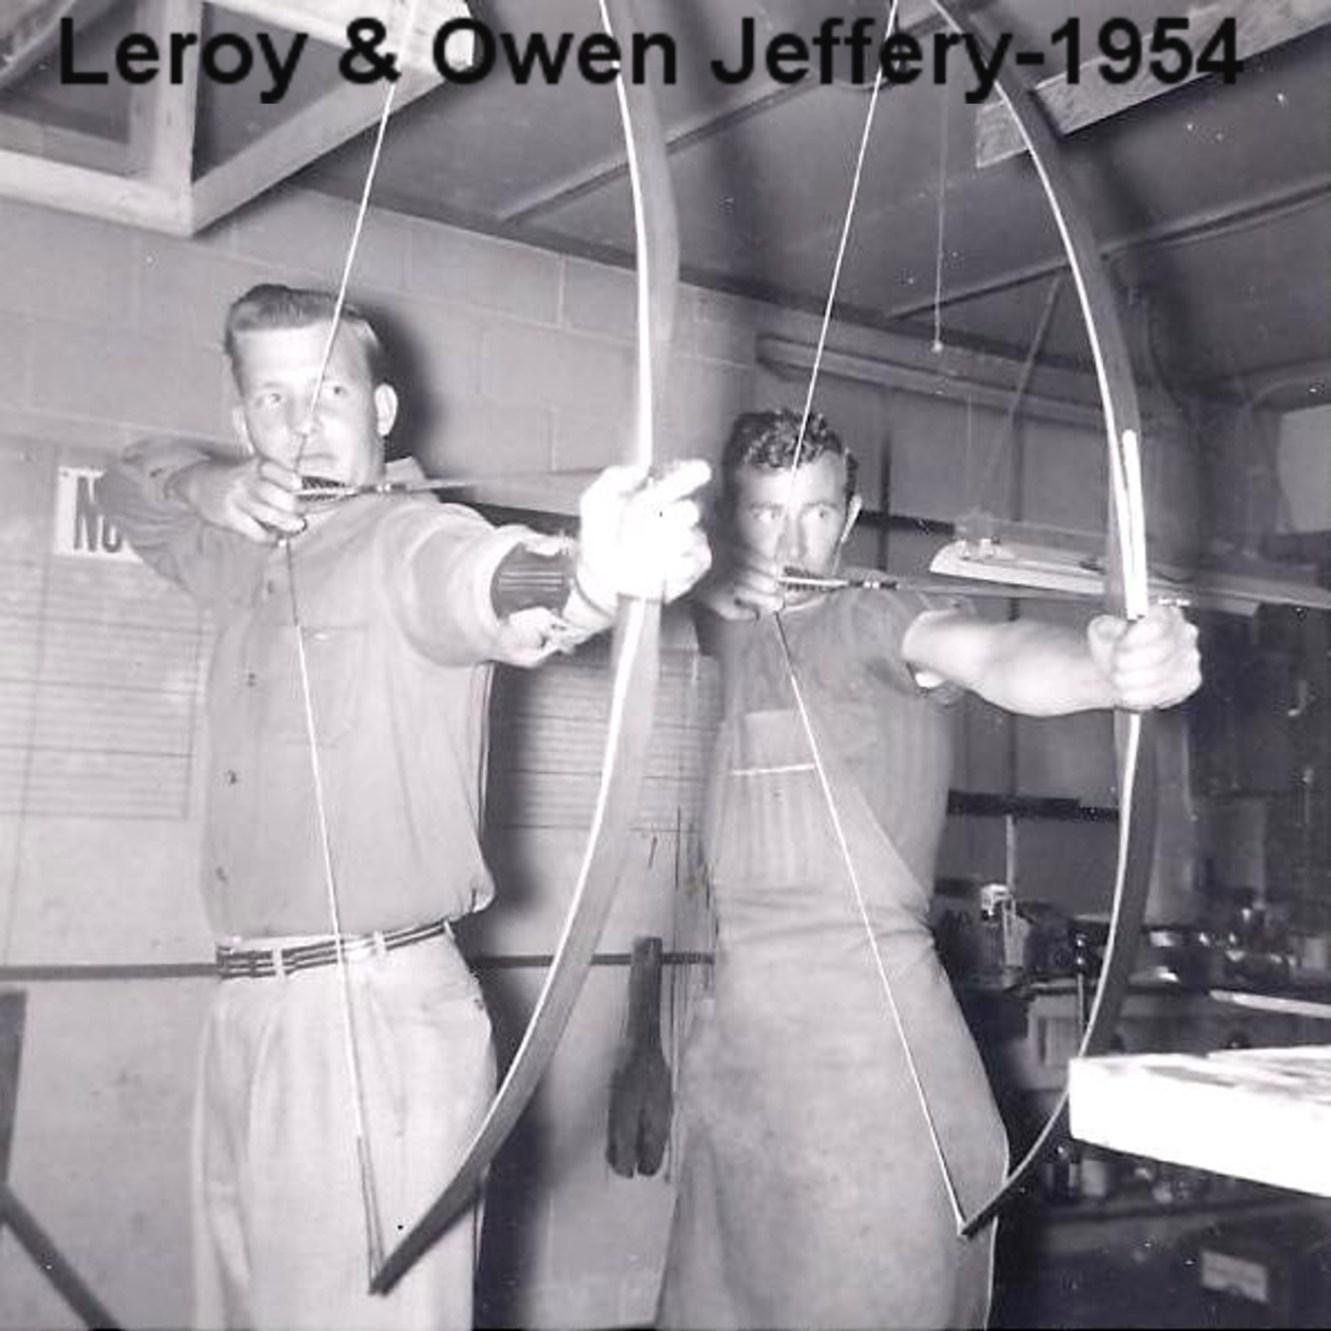 LeroyOwenT